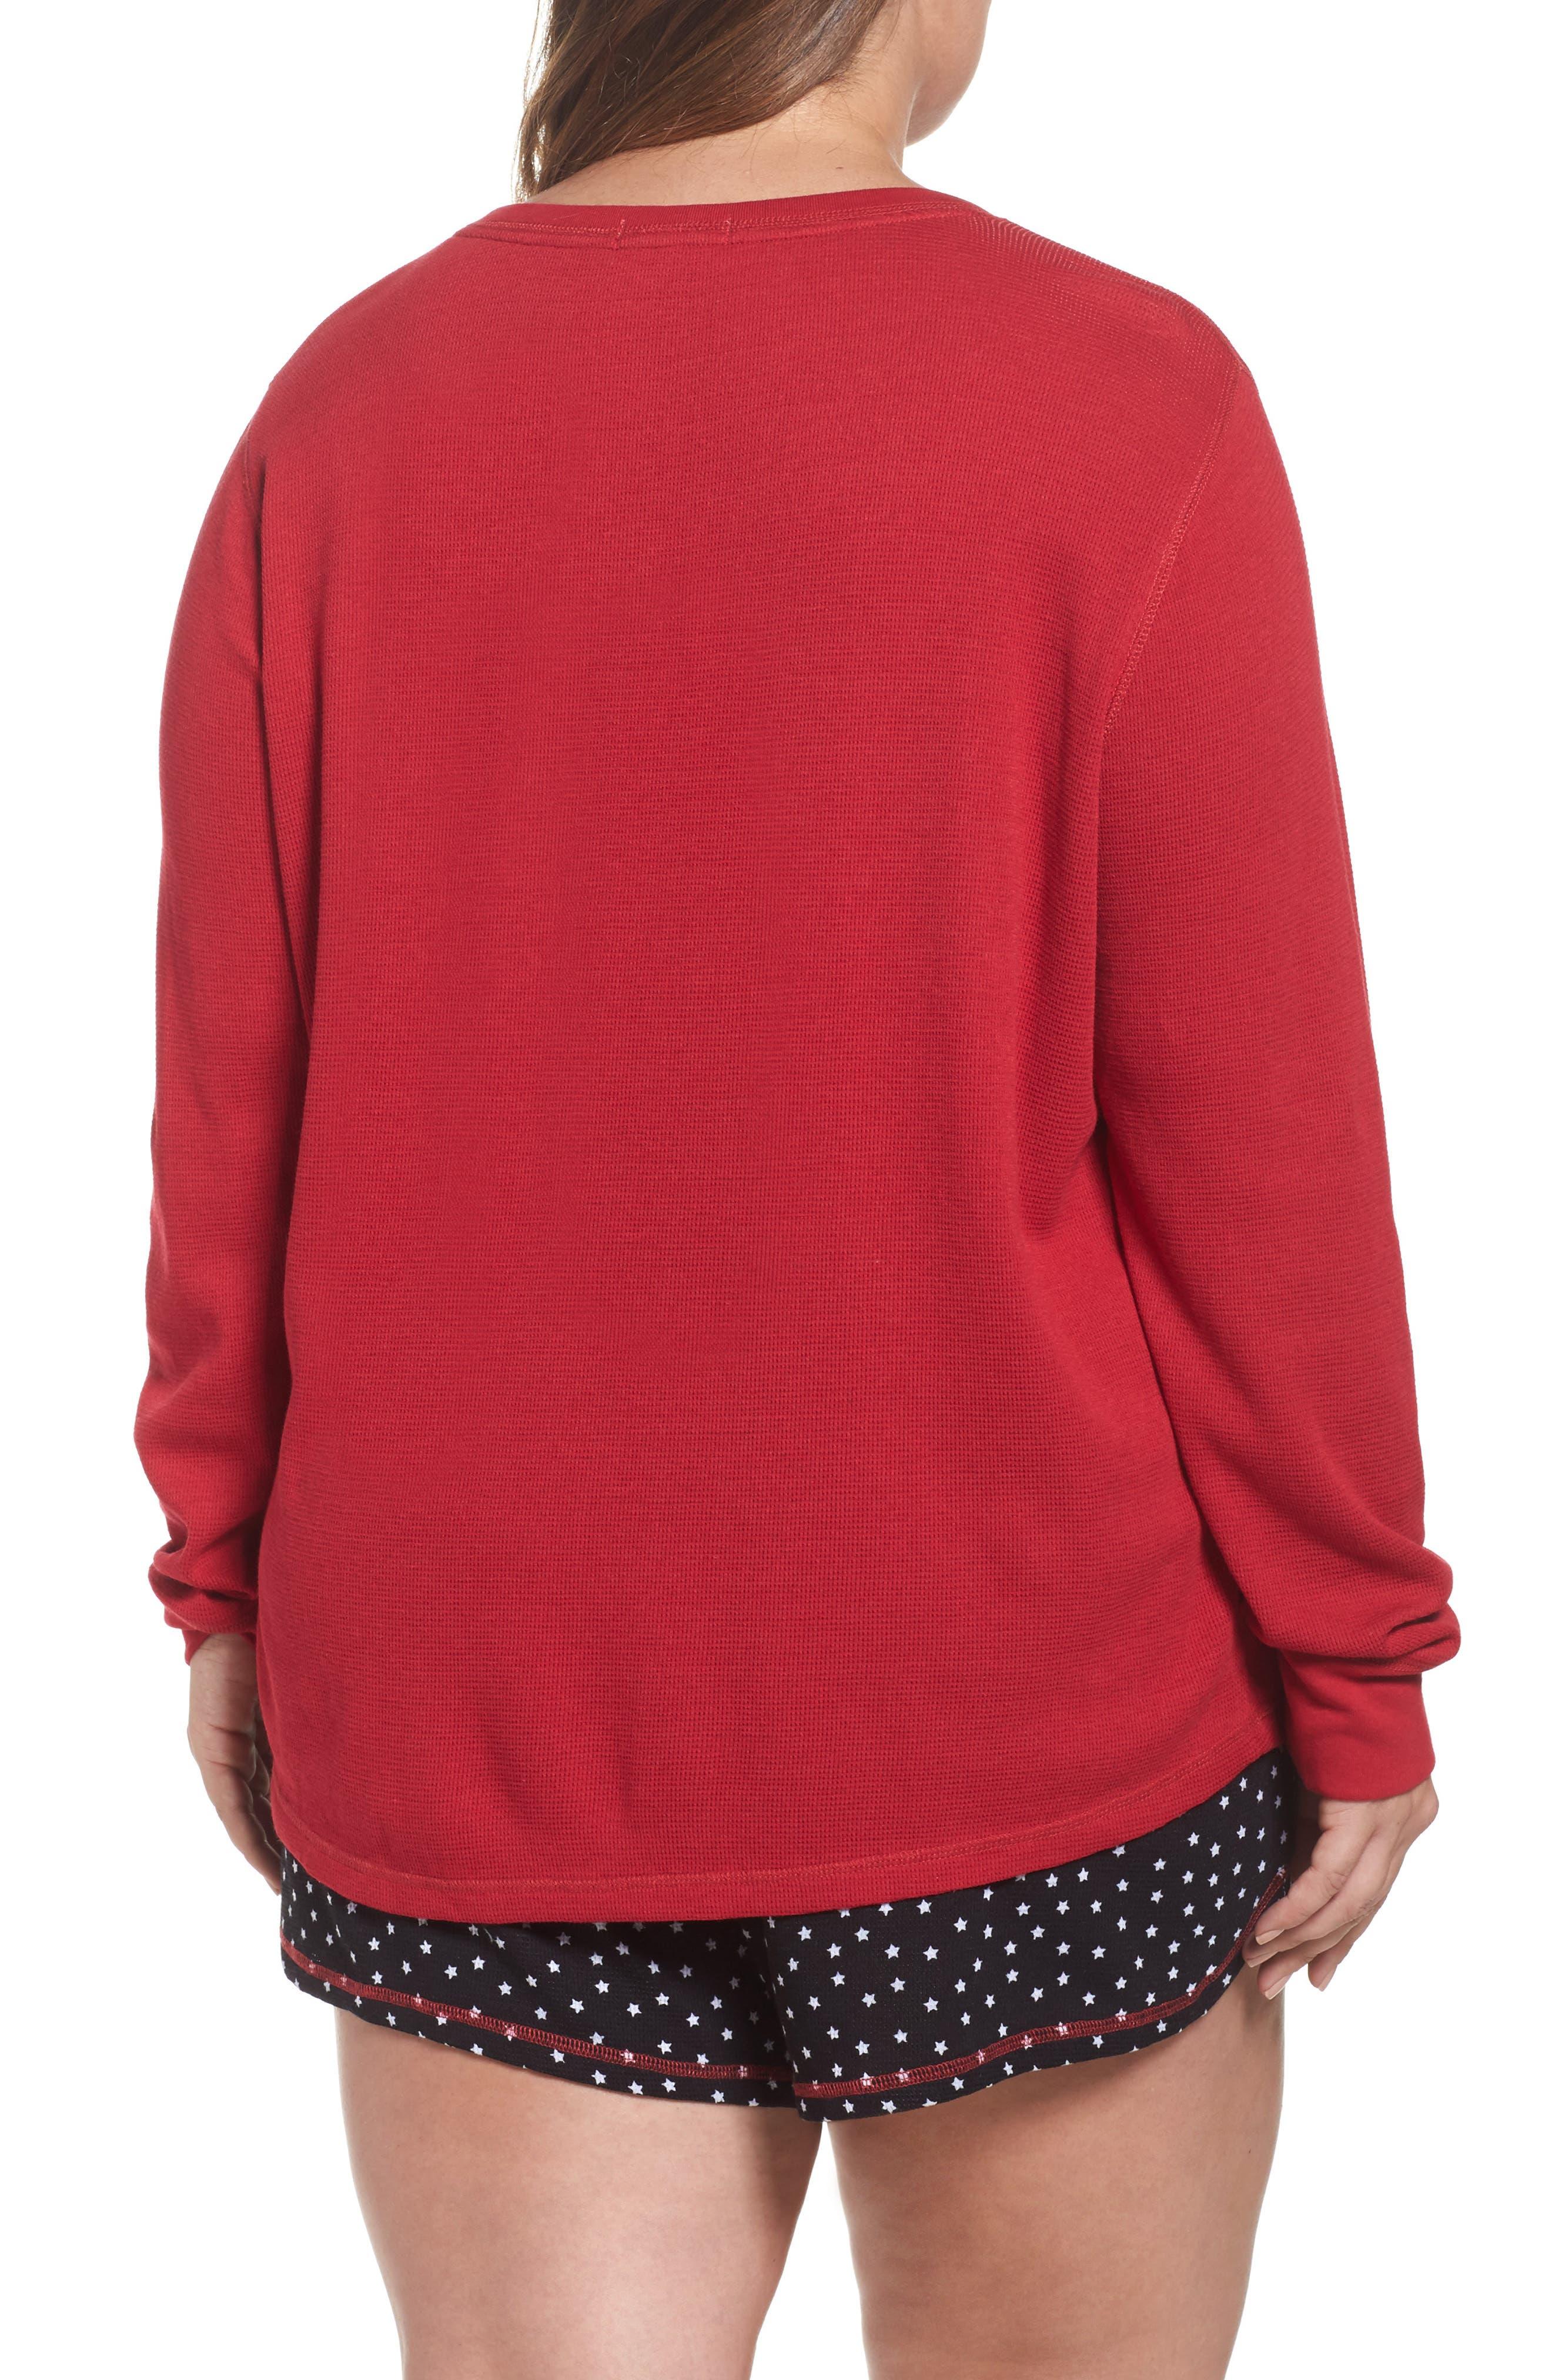 Alternate Image 2  - PJ Salvage Thermal Short Pajamas (Plus Size)